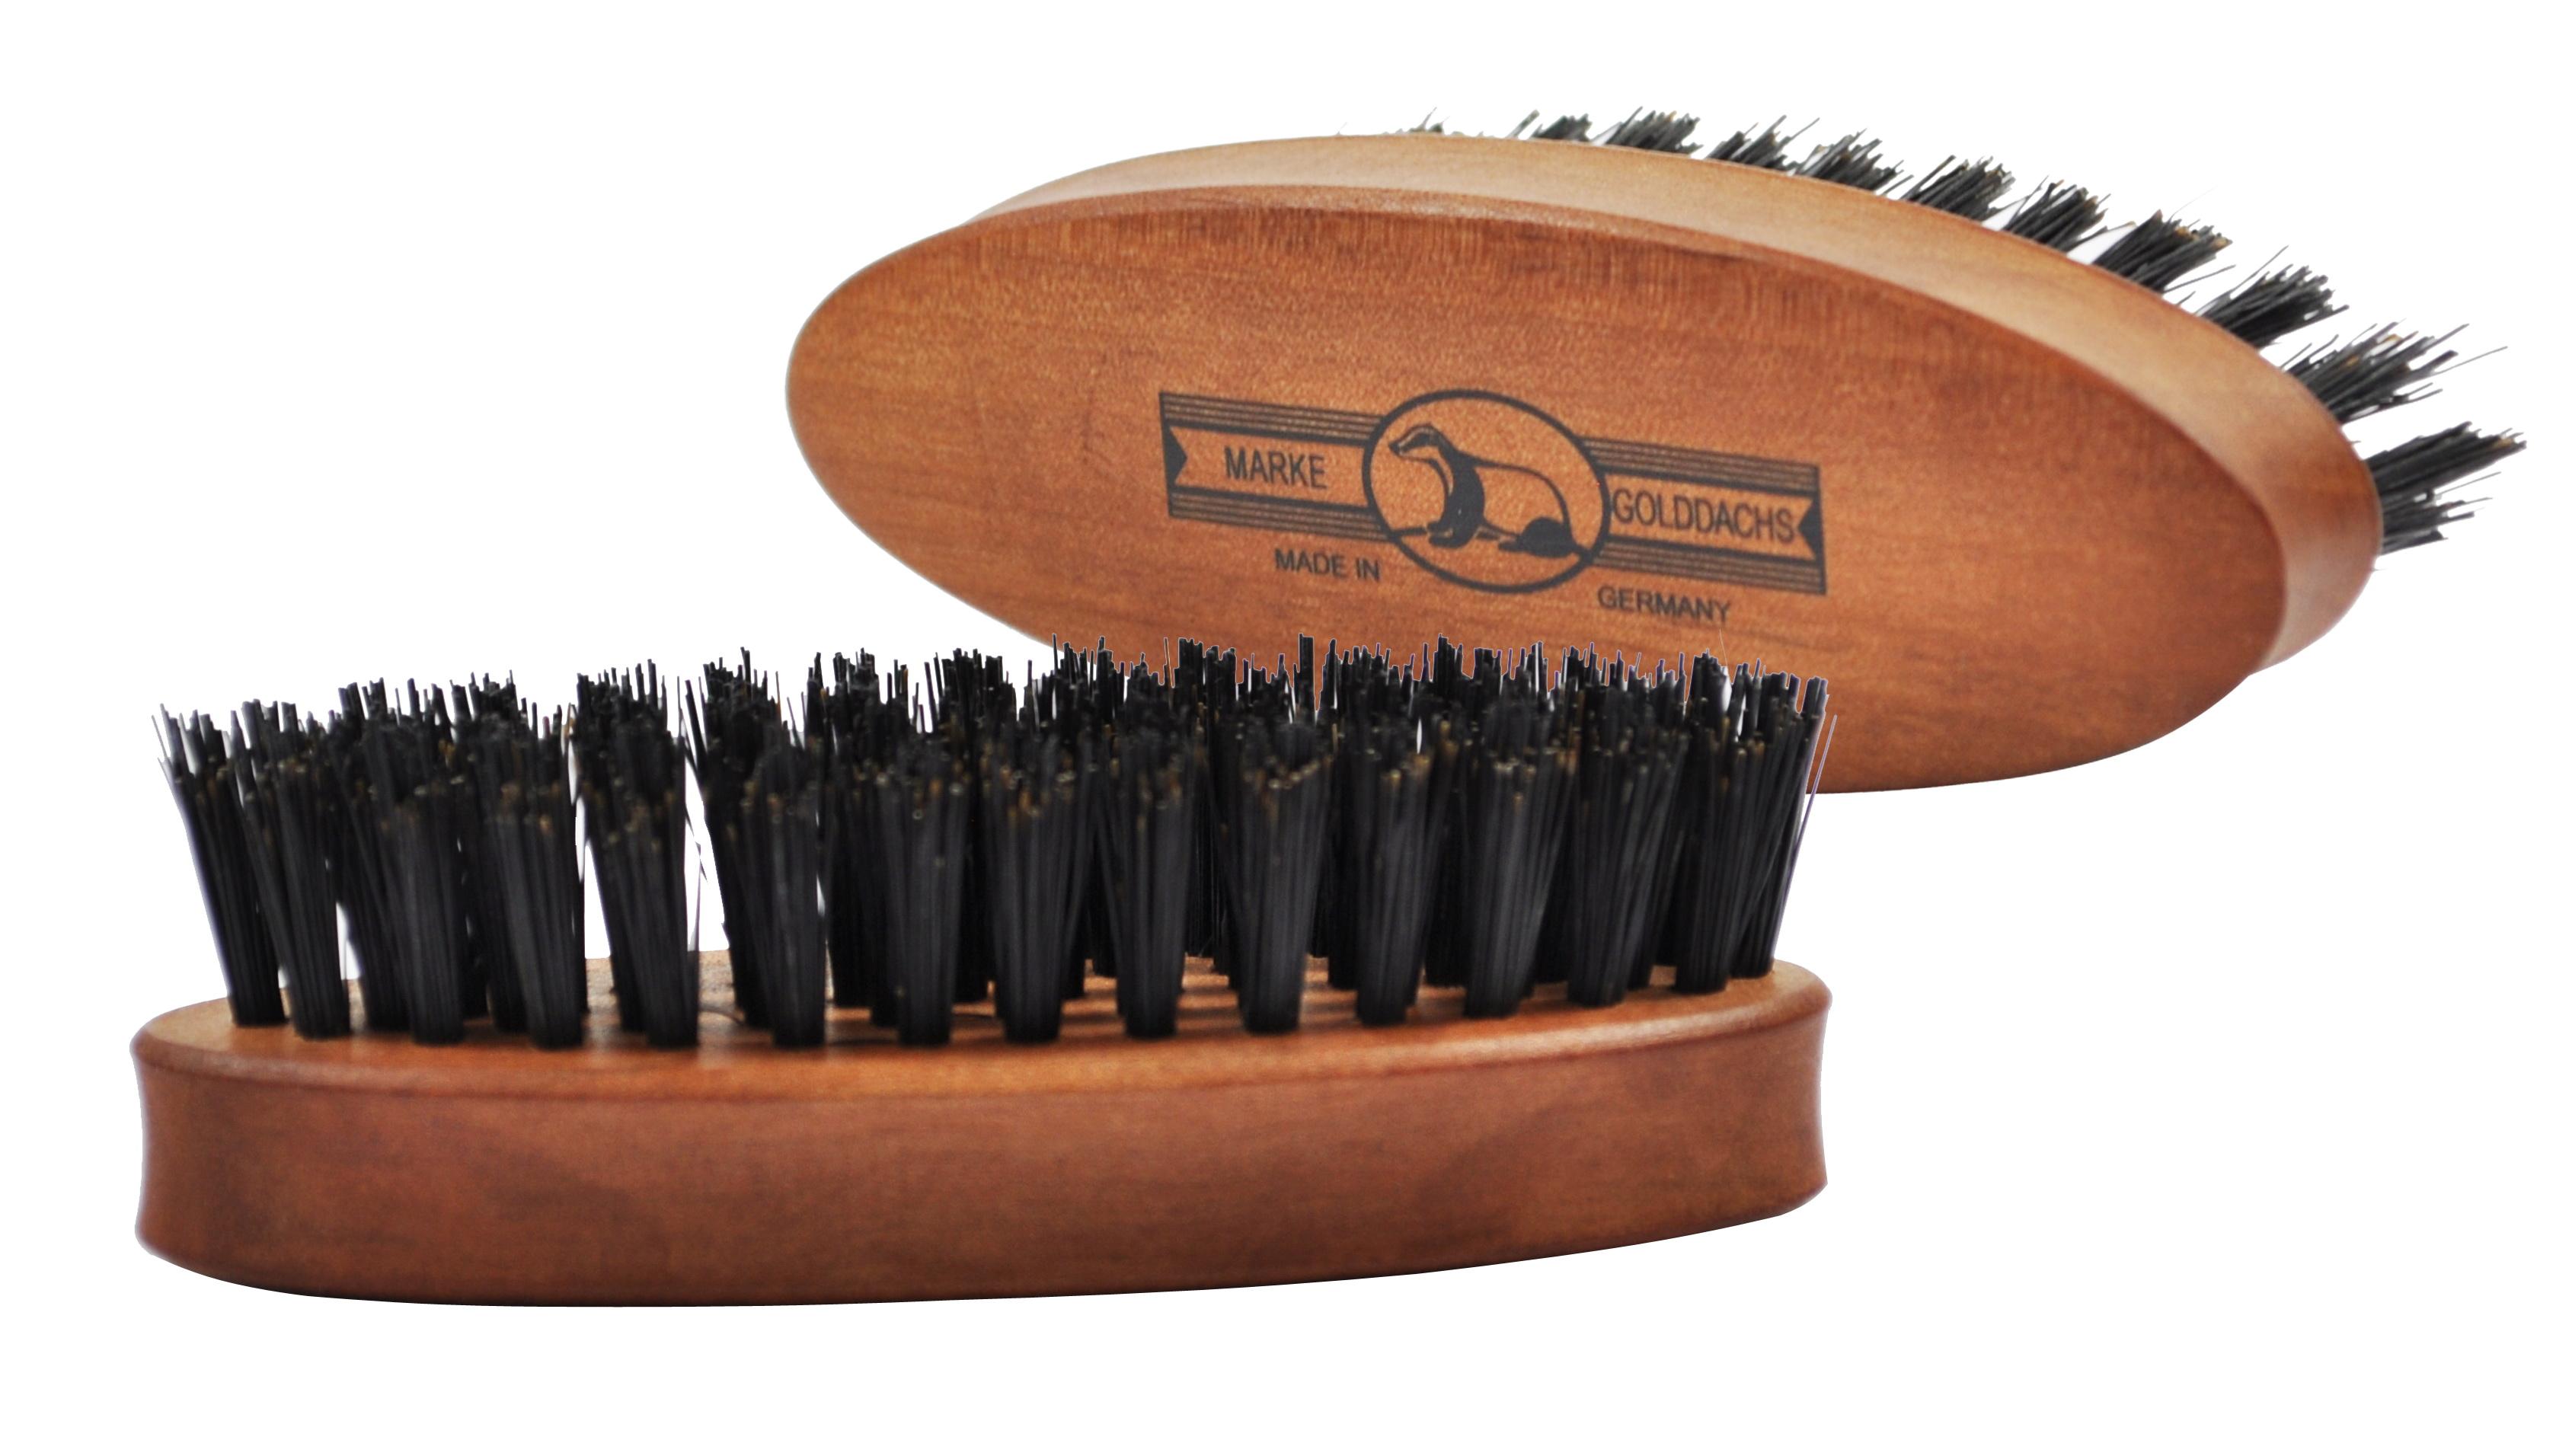 Golddachs Bartbürste aus Birnenholz mit Wildschweinborsten